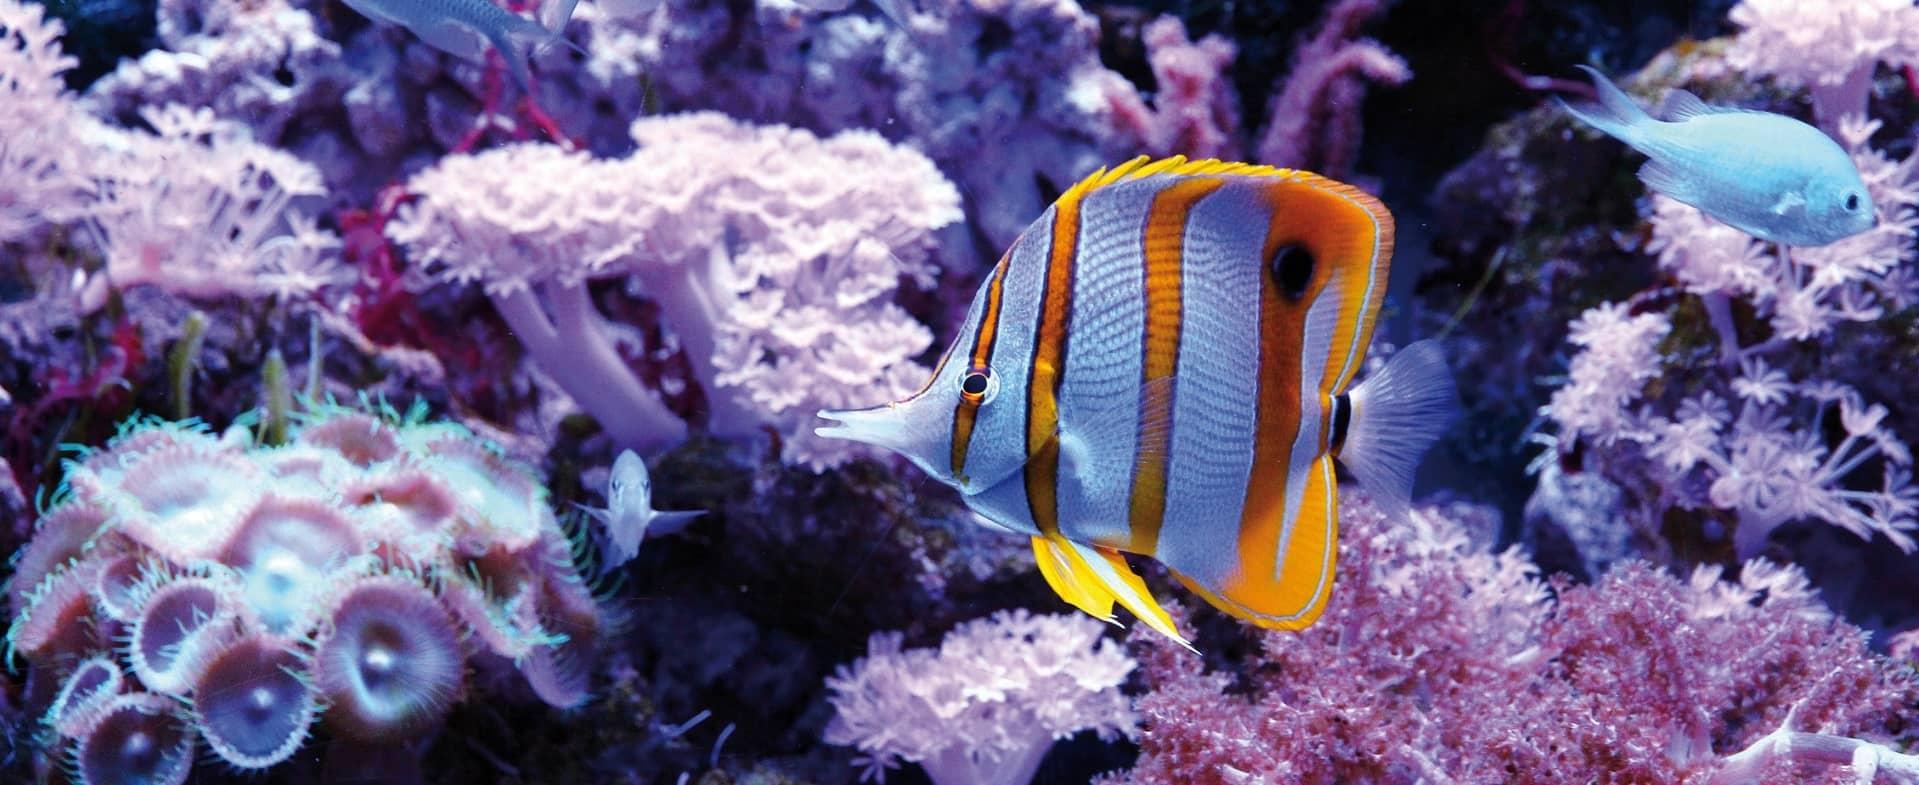 poisson dans aquarium